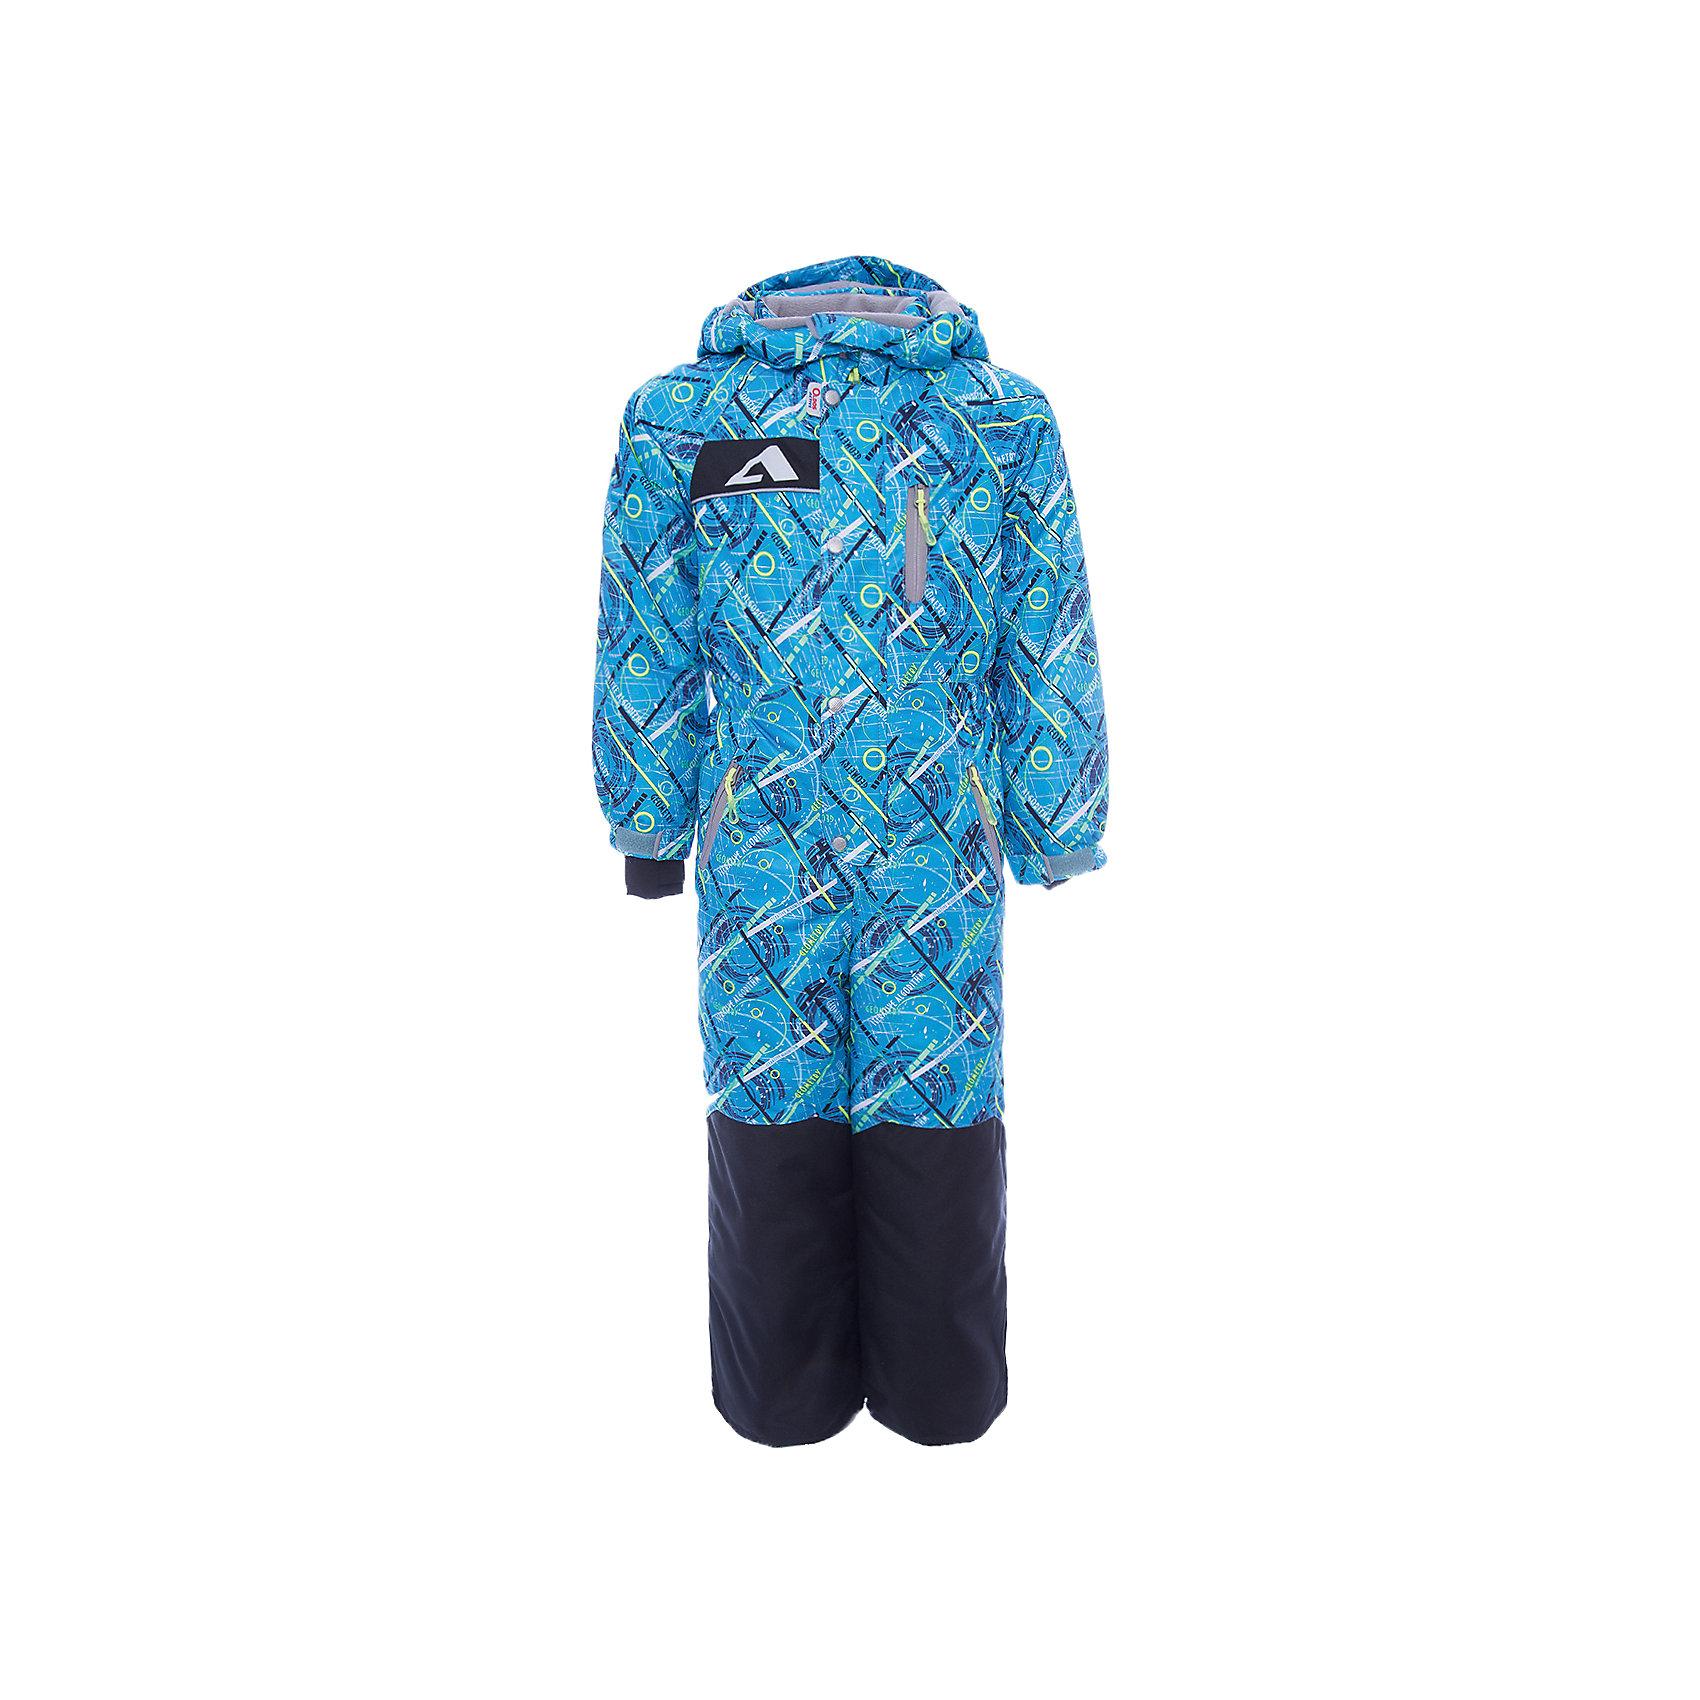 Комбинезон Джейми OLDOS для мальчикаВерхняя одежда<br>Характеристики товара:<br><br>• цвет: голубой<br>• состав ткани: полиэстер, Teflon<br>• подкладка: флис, гладкий полиэстер<br>• утеплитель: Hollofan pro<br>• сезон: зима<br>• мембранное покрытие<br>• температурный режим: от -30 до +5<br>• водонепроницаемость: 5000 мм <br>• паропроницаемость: 5000 г/м2<br>• плотность утеплителя: 200 г/м2<br>• застежка: молния<br>• капюшон: без меха, съемный<br>• силиконовые штрипки<br>• износостойкая ткань по низу брючин<br>• страна бренда: Россия<br>• страна изготовитель: Россия<br><br>В детском комбинезоне - тонкий гипоаллергенный утеплитель, который лучше удерживает тепло. Мембранный верх комбинезона создает комфортный для ребенка микроклимат. Теплый комбинезон для ребенка дополнен множеством элементов для дополнительного комфорта. Зимний комбинезон Oldos имеет силиконовые штрипки, капюшон, манжеты, планку от ветра.<br><br>Комбинезон Джейми Oldos (Олдос) для мальчика можно купить в нашем интернет-магазине.<br><br>Ширина мм: 356<br>Глубина мм: 10<br>Высота мм: 245<br>Вес г: 519<br>Цвет: голубой<br>Возраст от месяцев: 84<br>Возраст до месяцев: 96<br>Пол: Мужской<br>Возраст: Детский<br>Размер: 128,98,104,110,116,122<br>SKU: 7015853